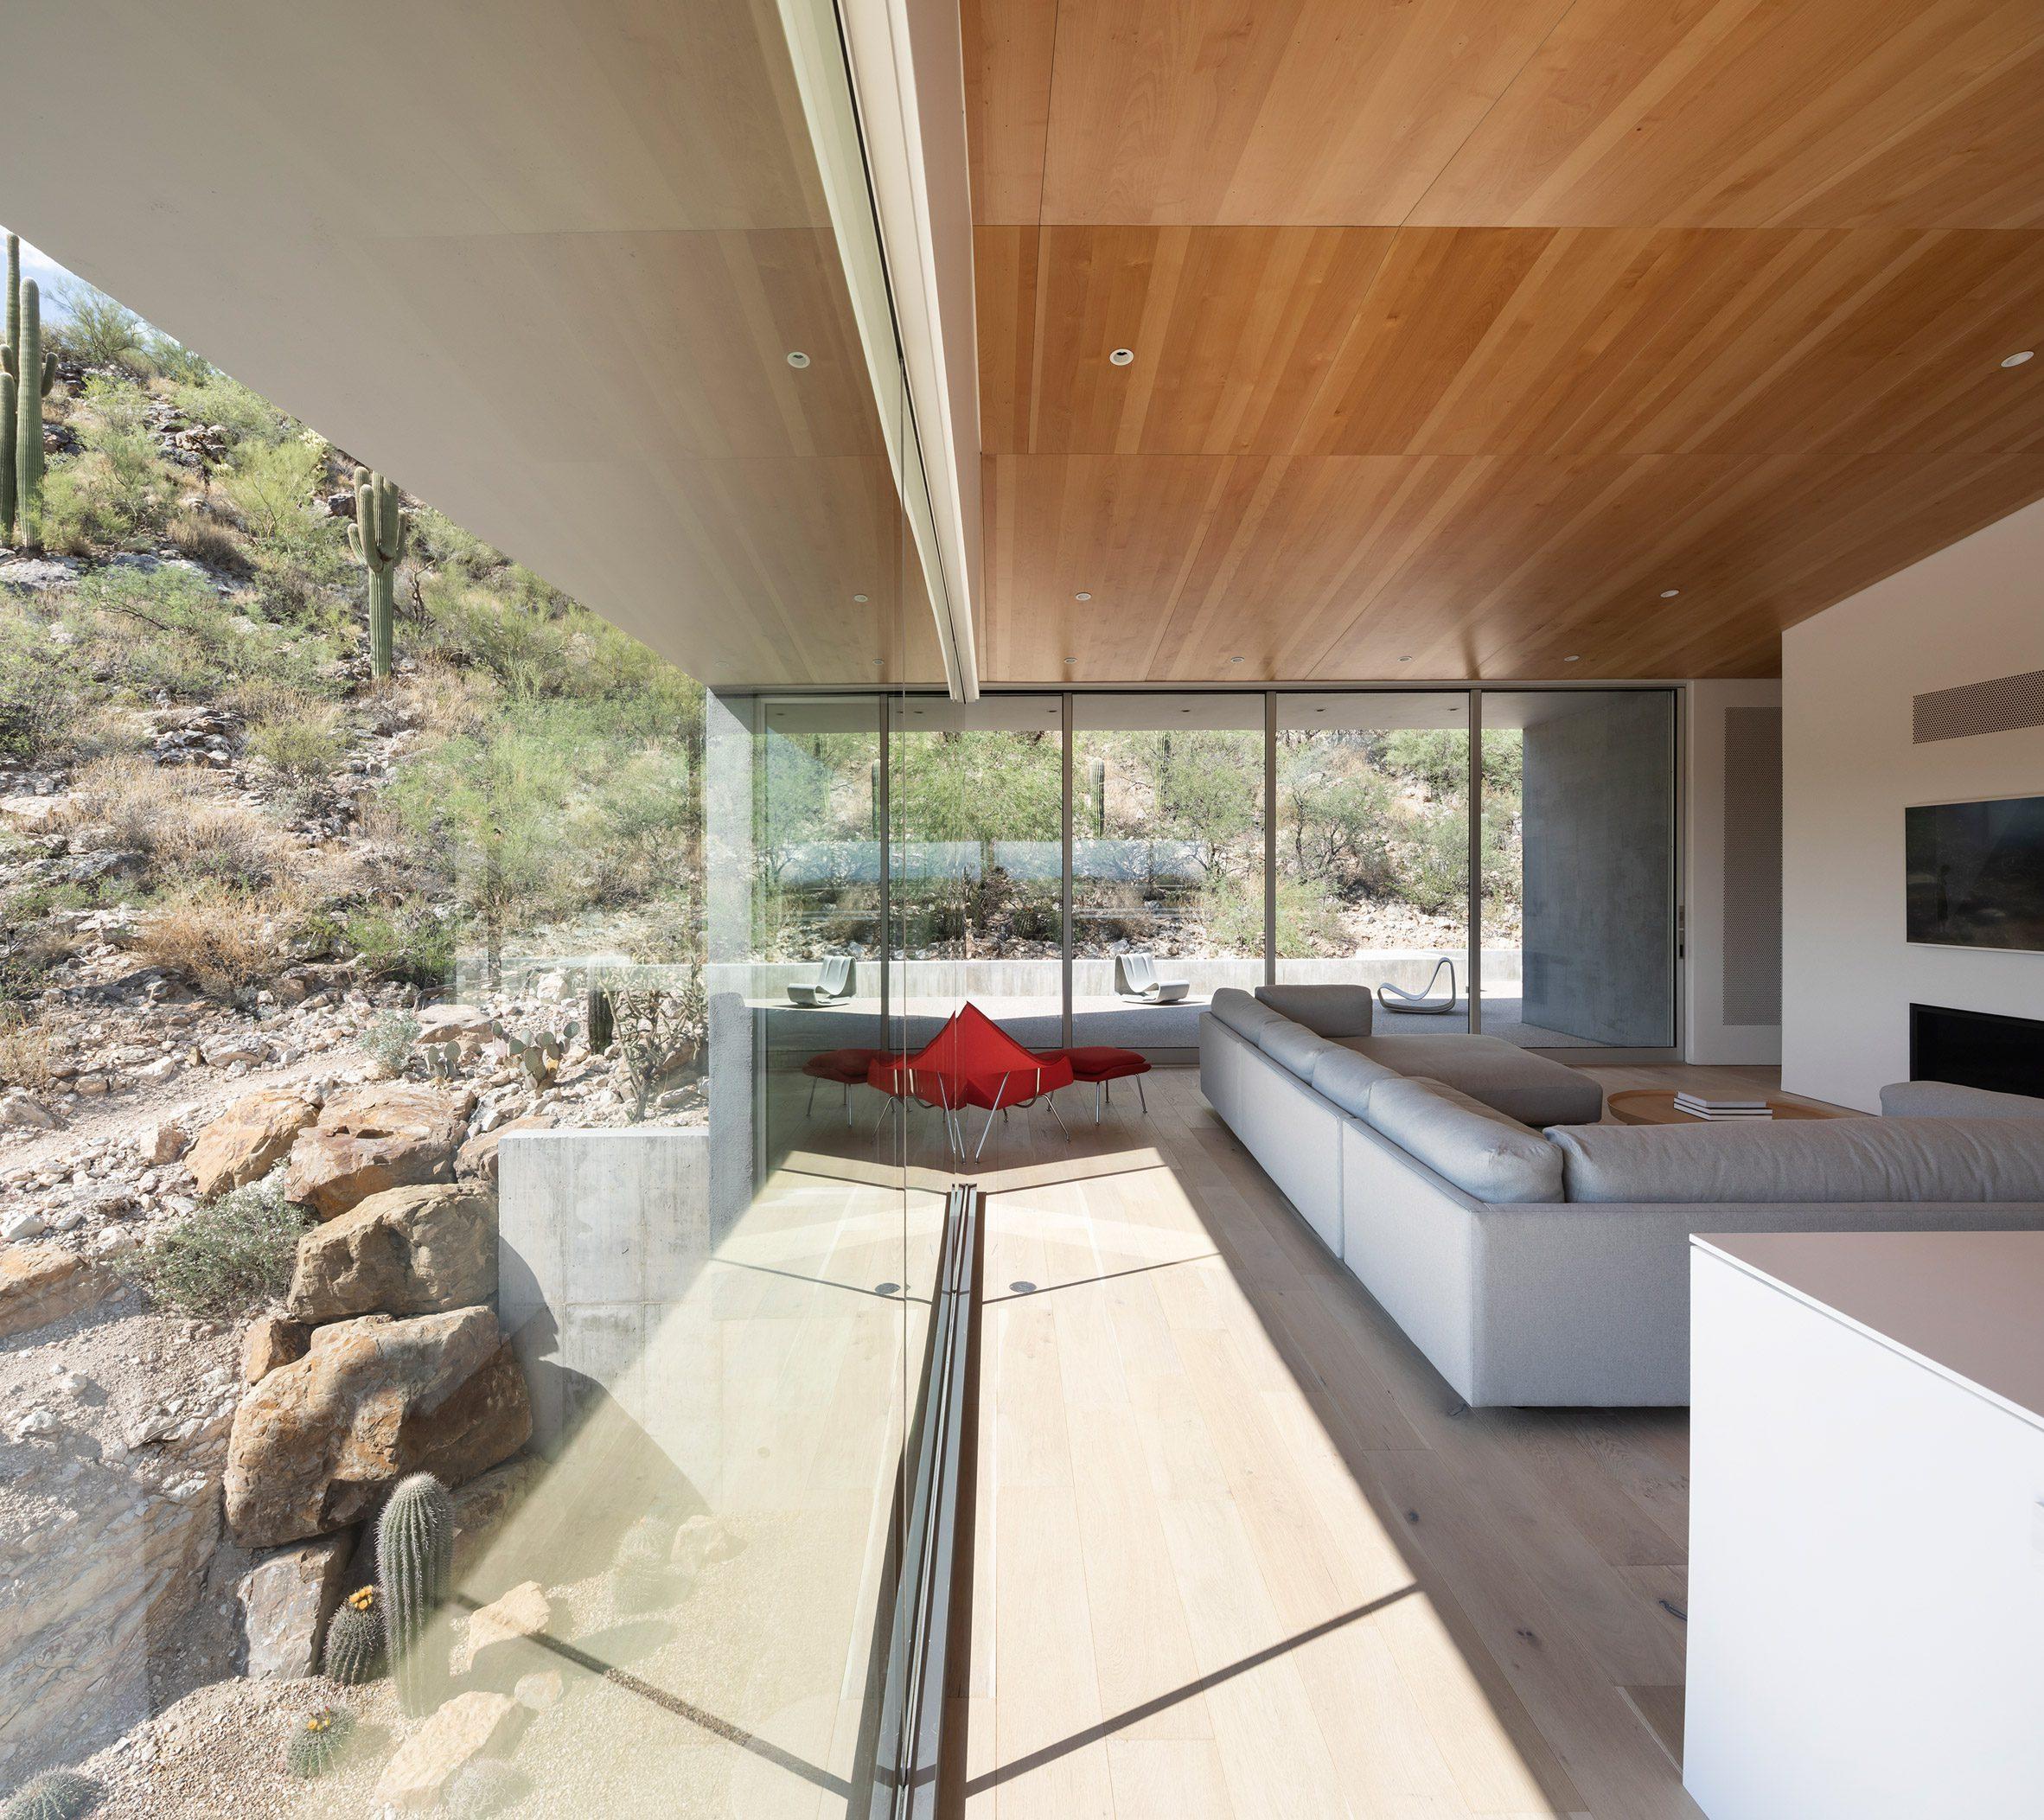 Views from Ventana House